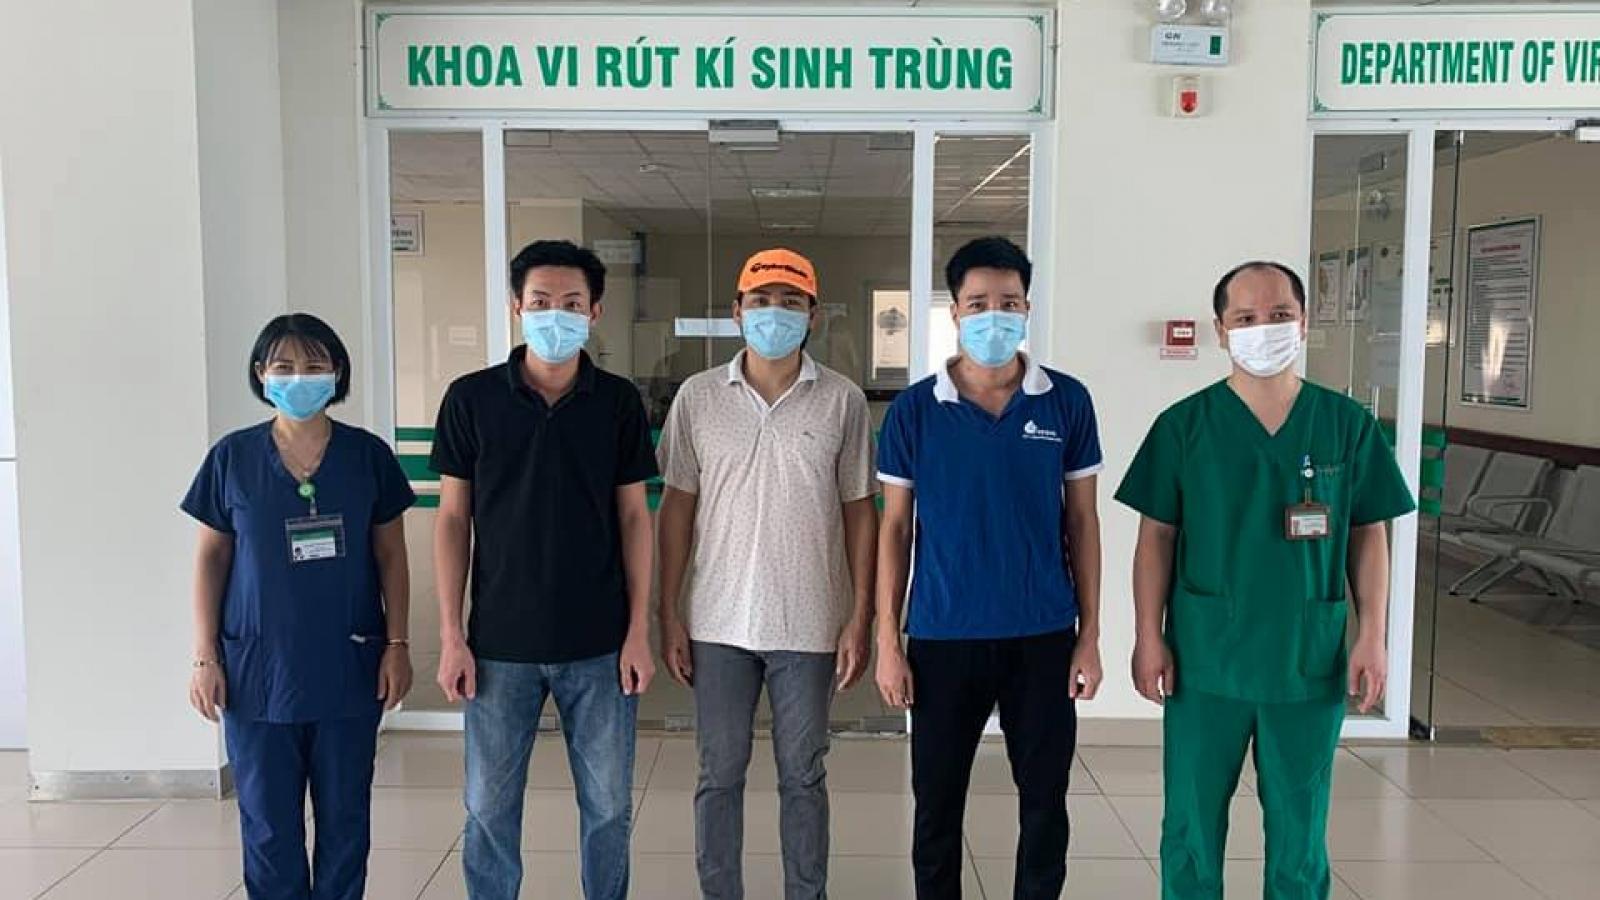 Thêm 3 ca khỏi bệnh, Việt Nam đã điều trị khỏi 360 ca mắc Covid-19